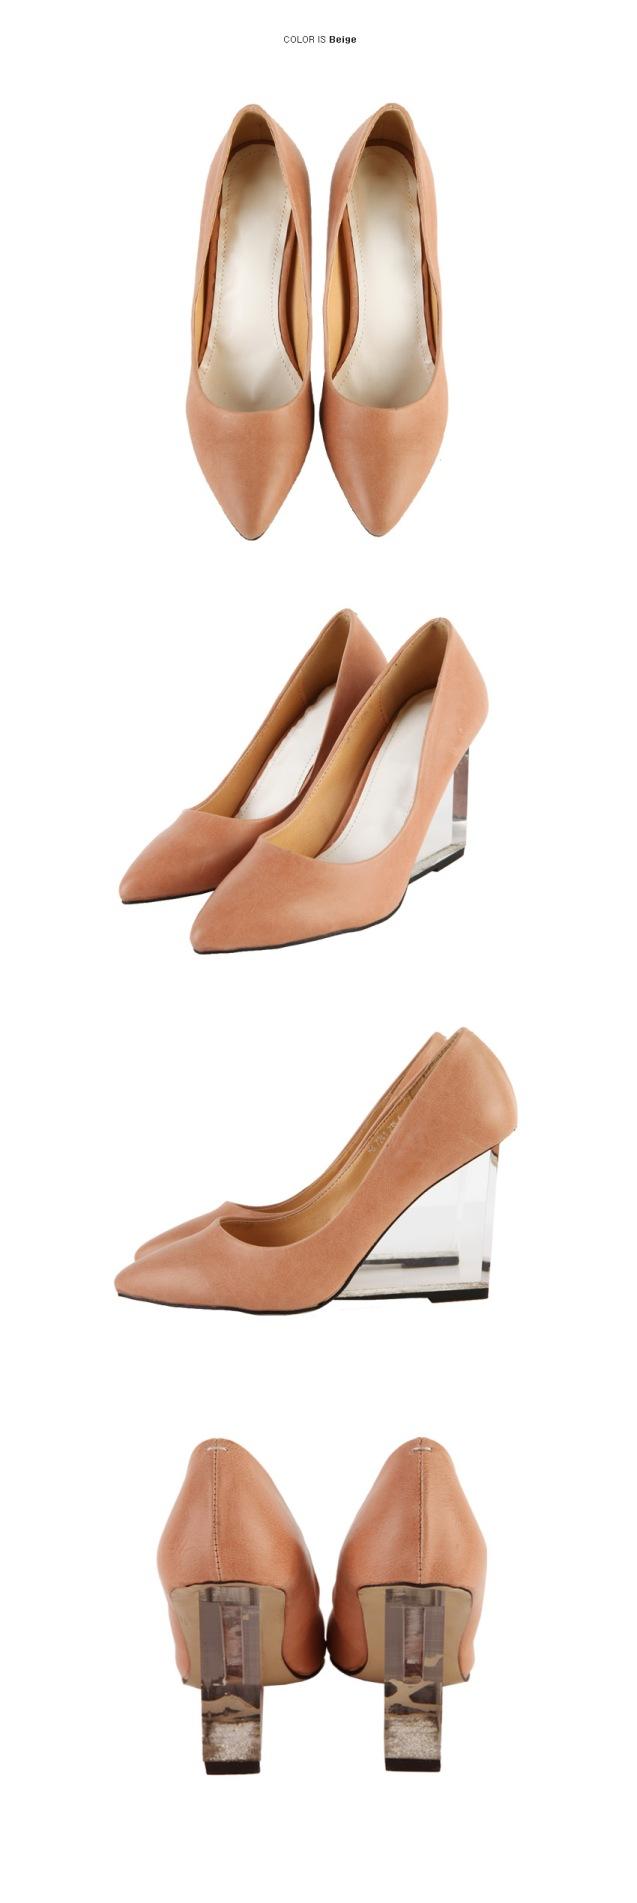 ham130201-1(shoes2)_en